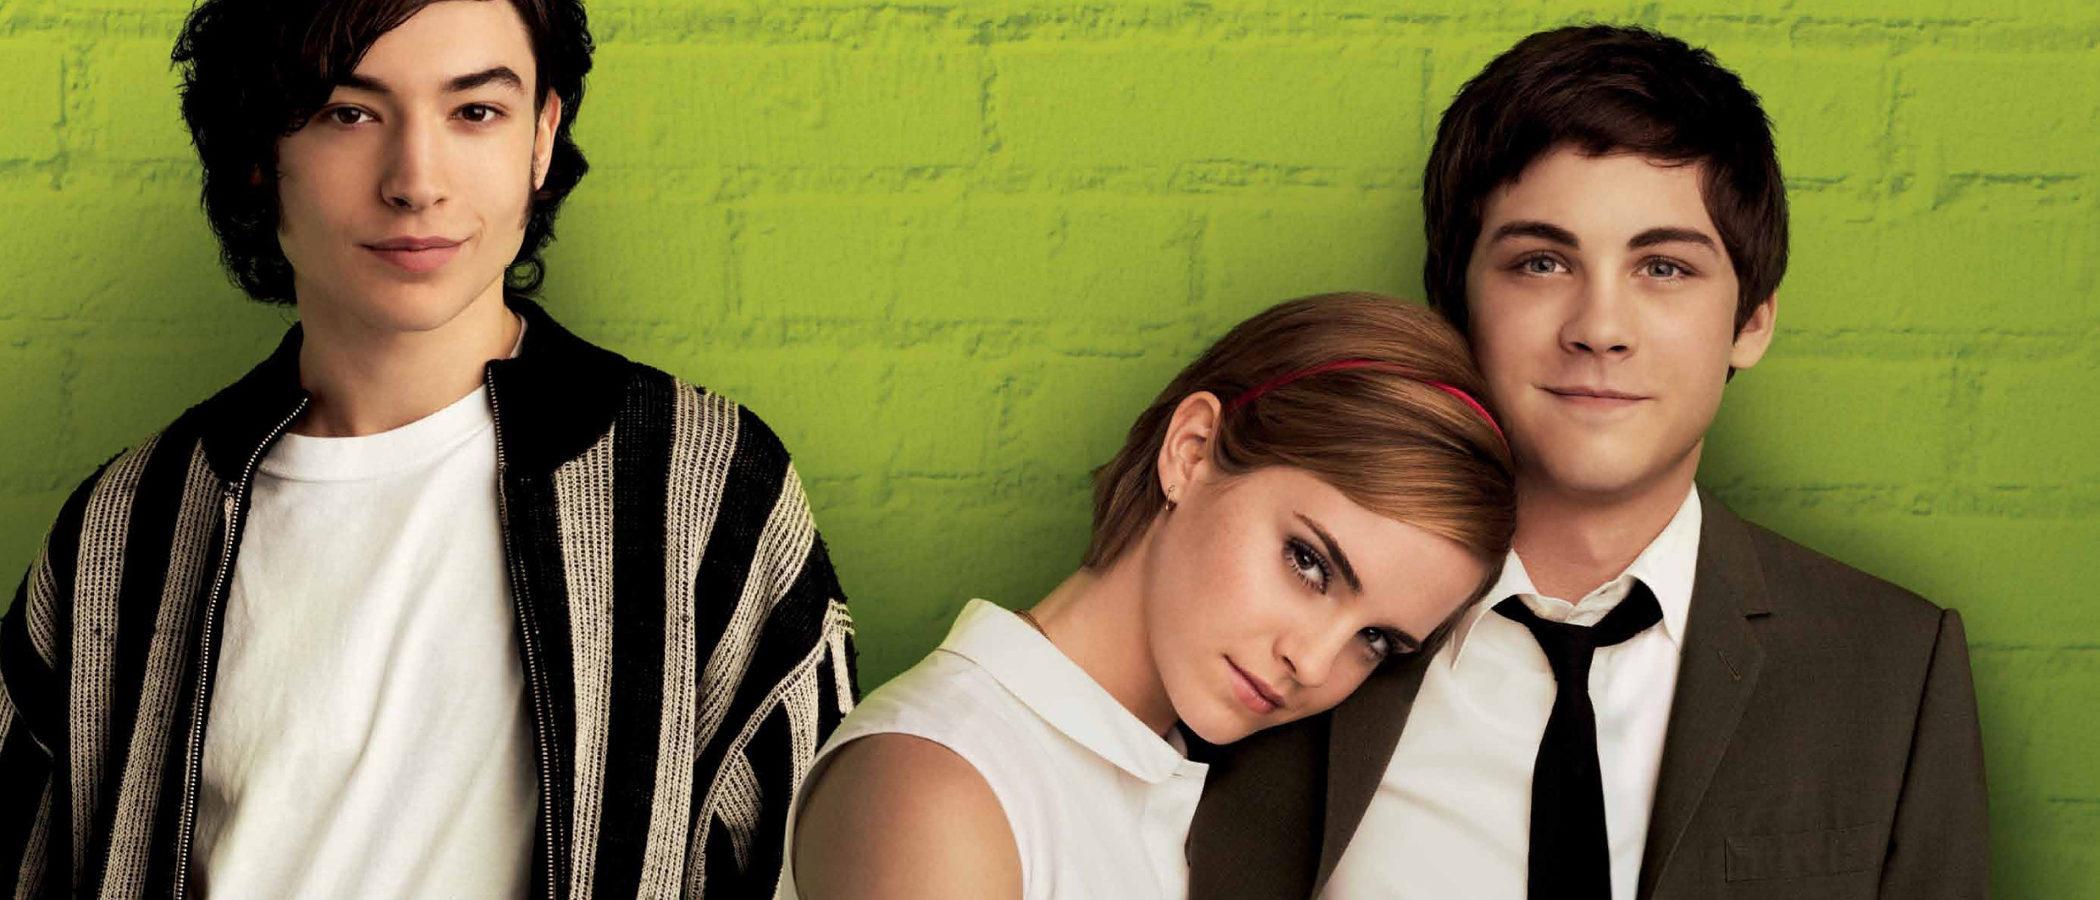 9 películas para enseñar valores a los adolescentes